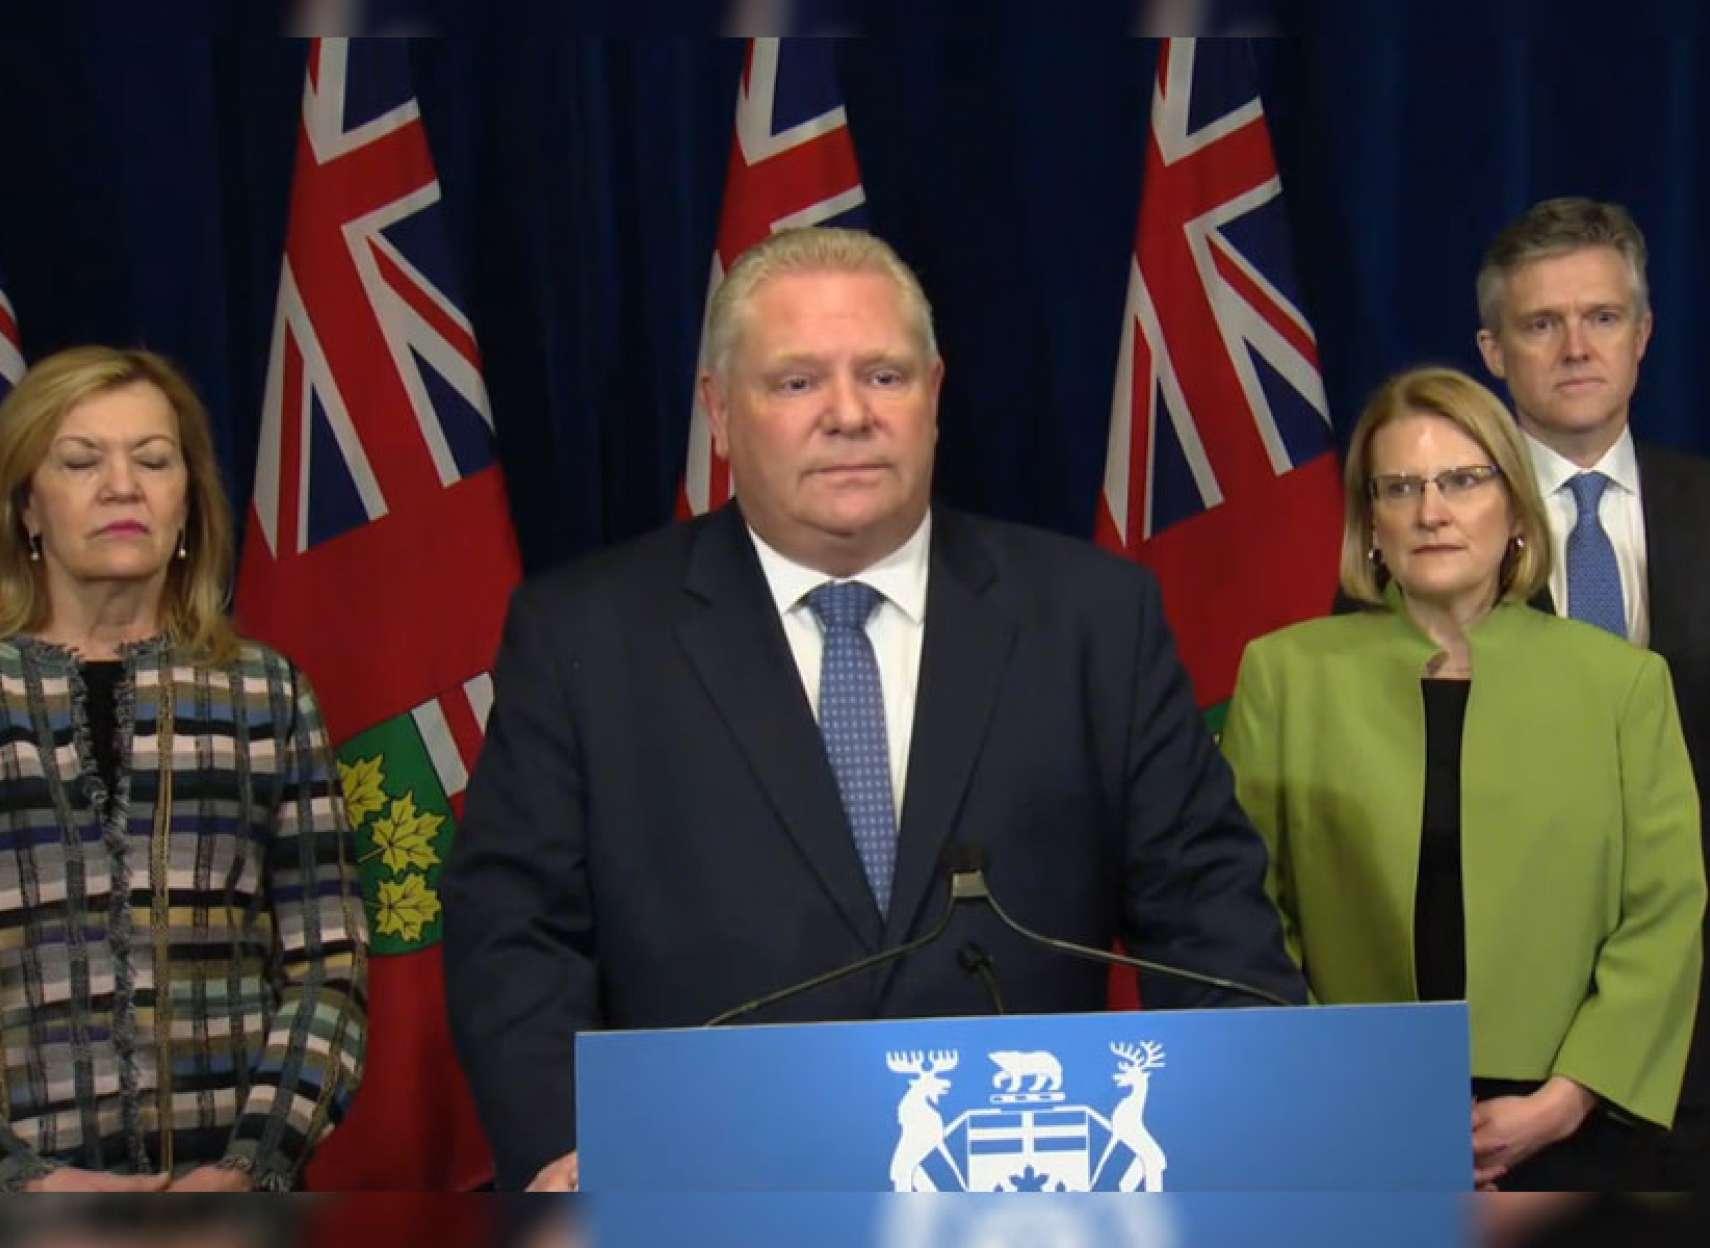 اخبار-تورنتو-اعلان-شرایط-اضطراری-در-انتاریو-اجتماعات-لغو-و-به-مردم-کمک-مالی-می-شود